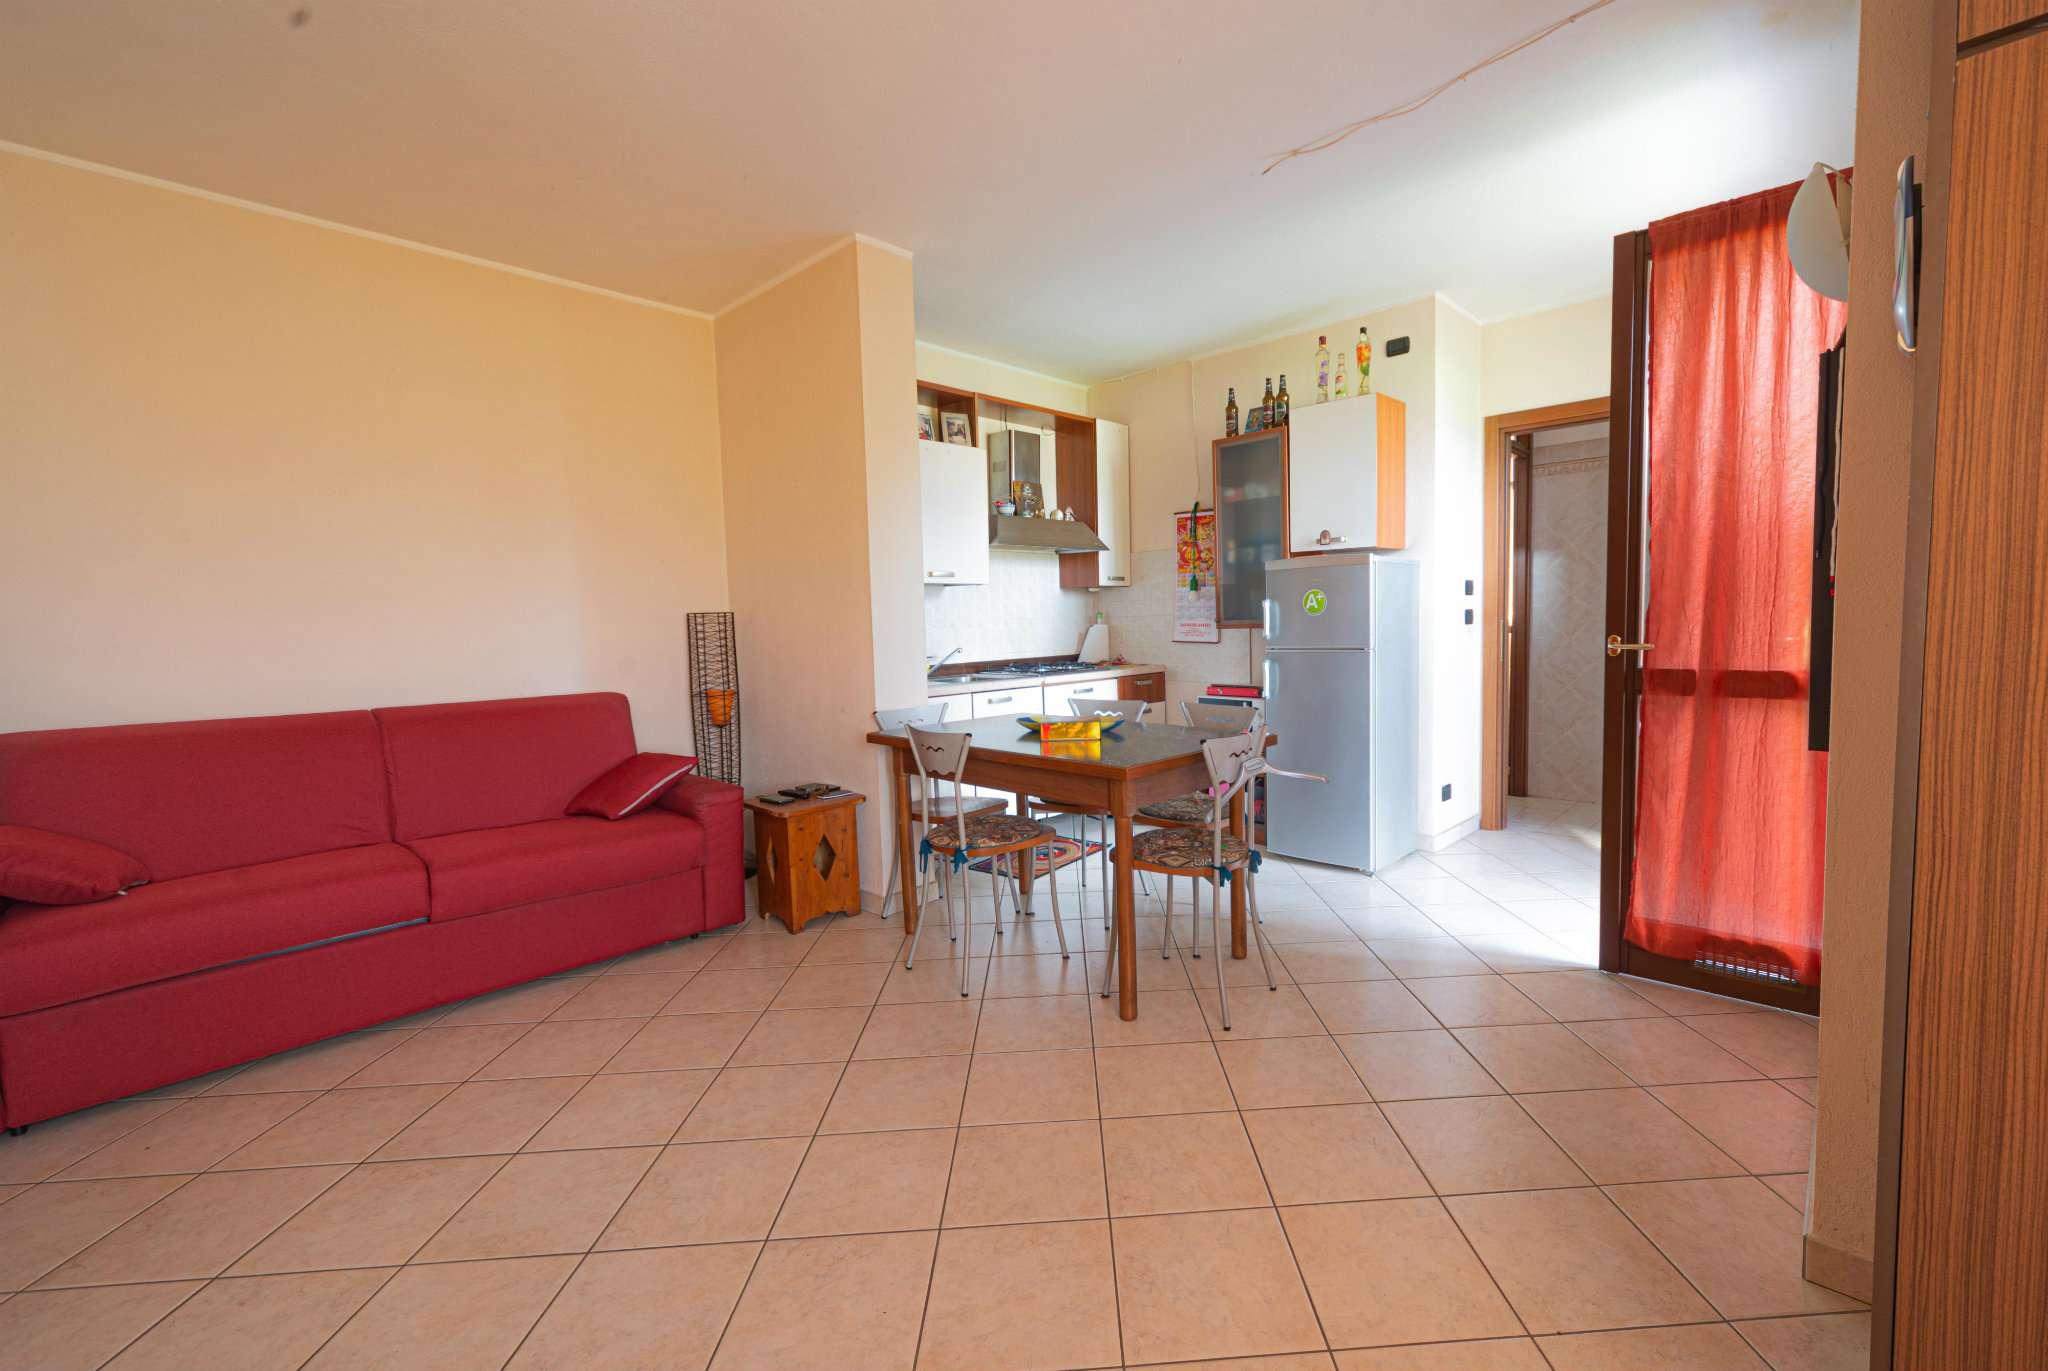 Appartamento in affitto a Bernezzo, 1 locali, prezzo € 280 | PortaleAgenzieImmobiliari.it